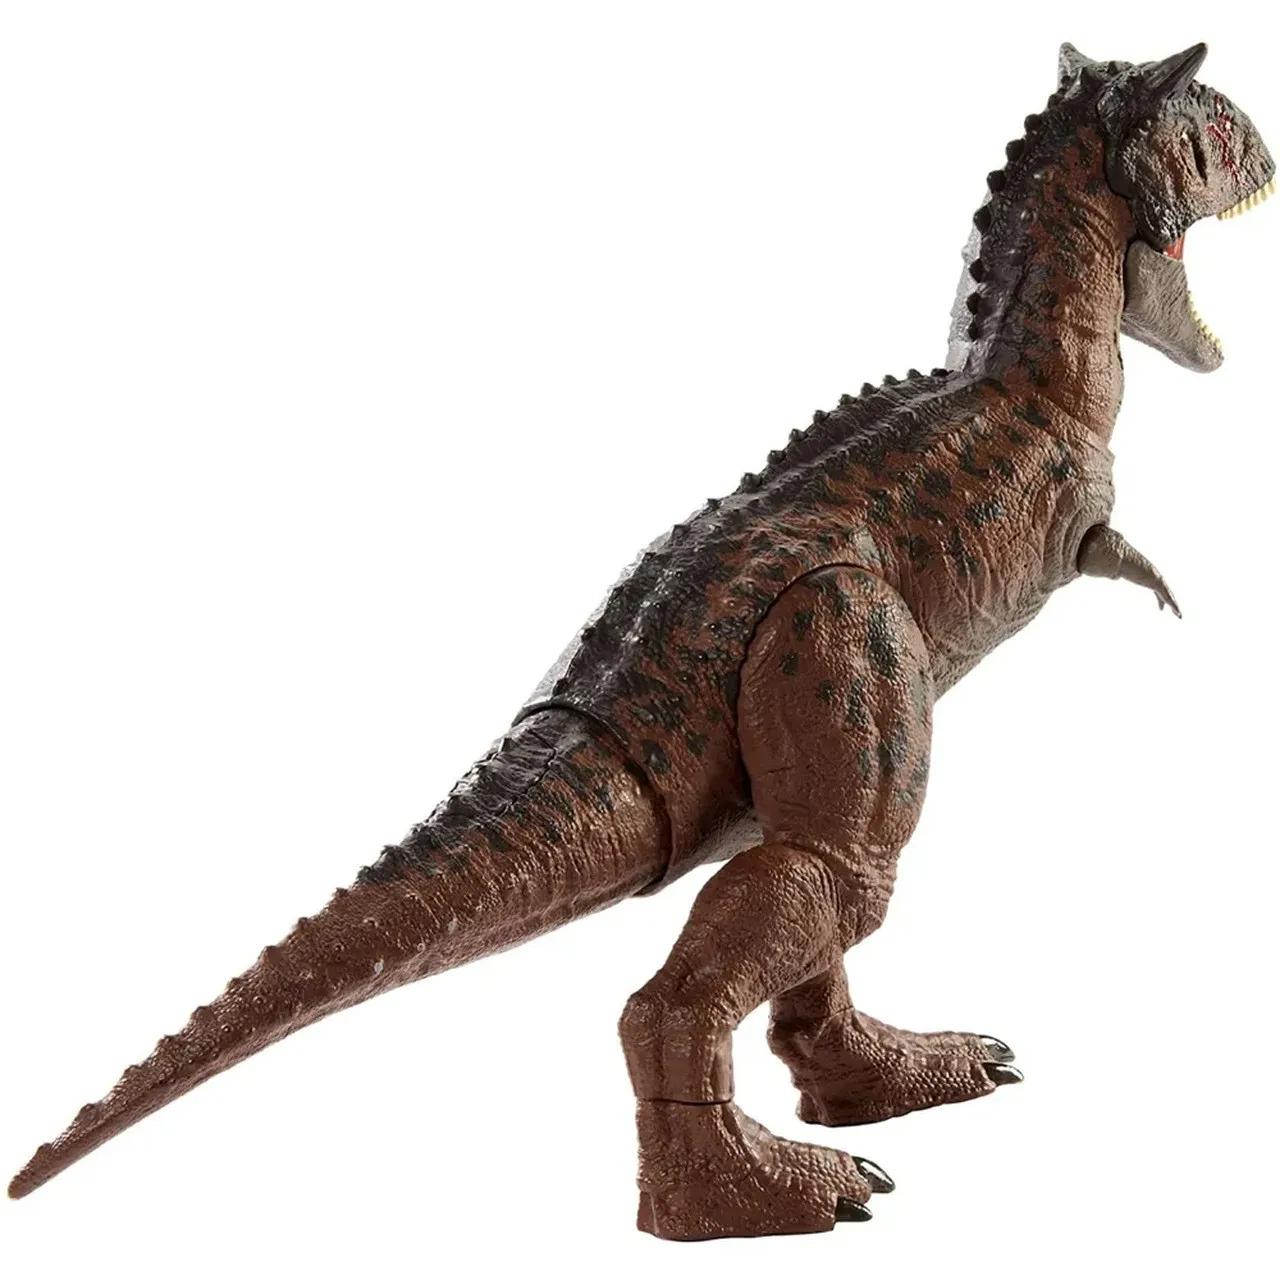 Jurassic World Carnotauro Toro GNL07 MATTEL